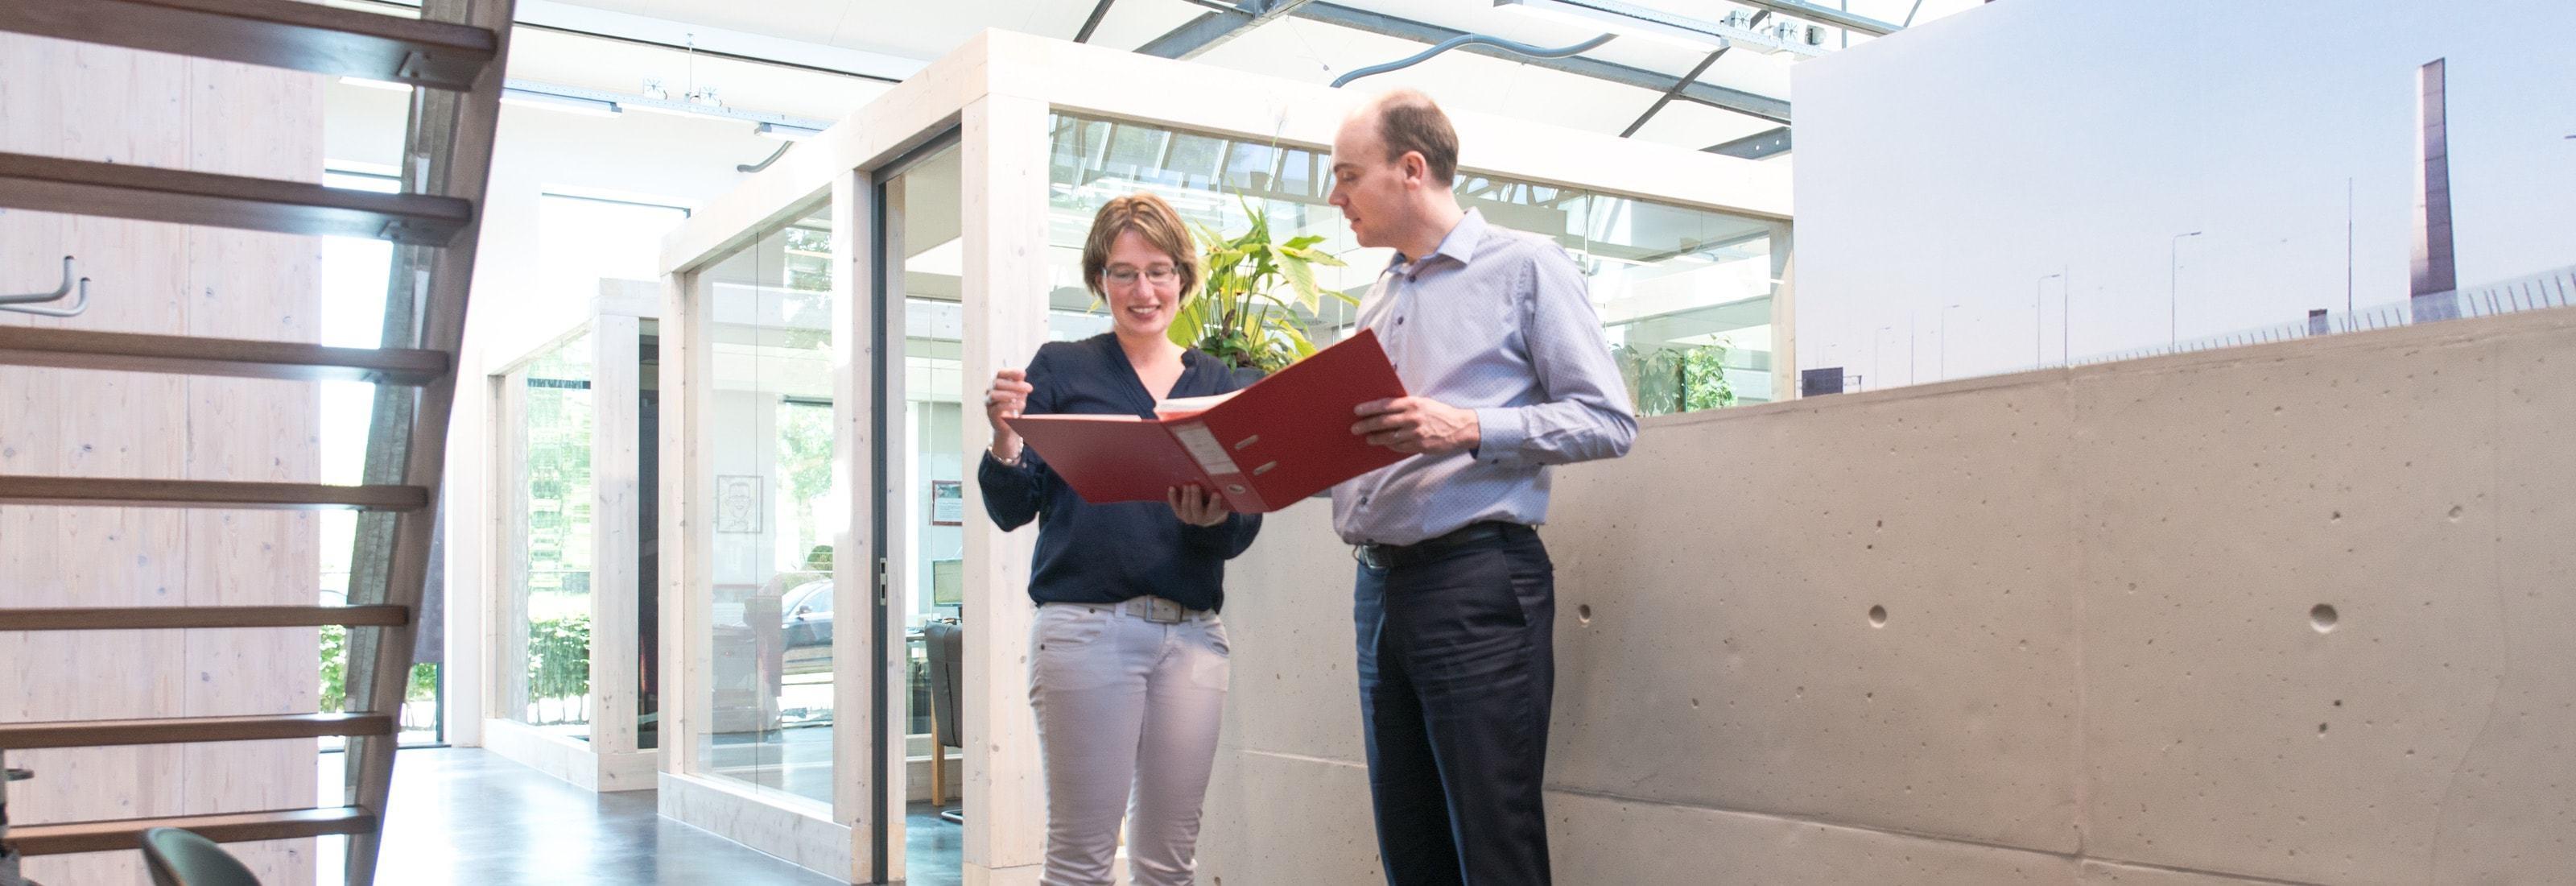 Vermetten & De Wolf - Accountantskantoor